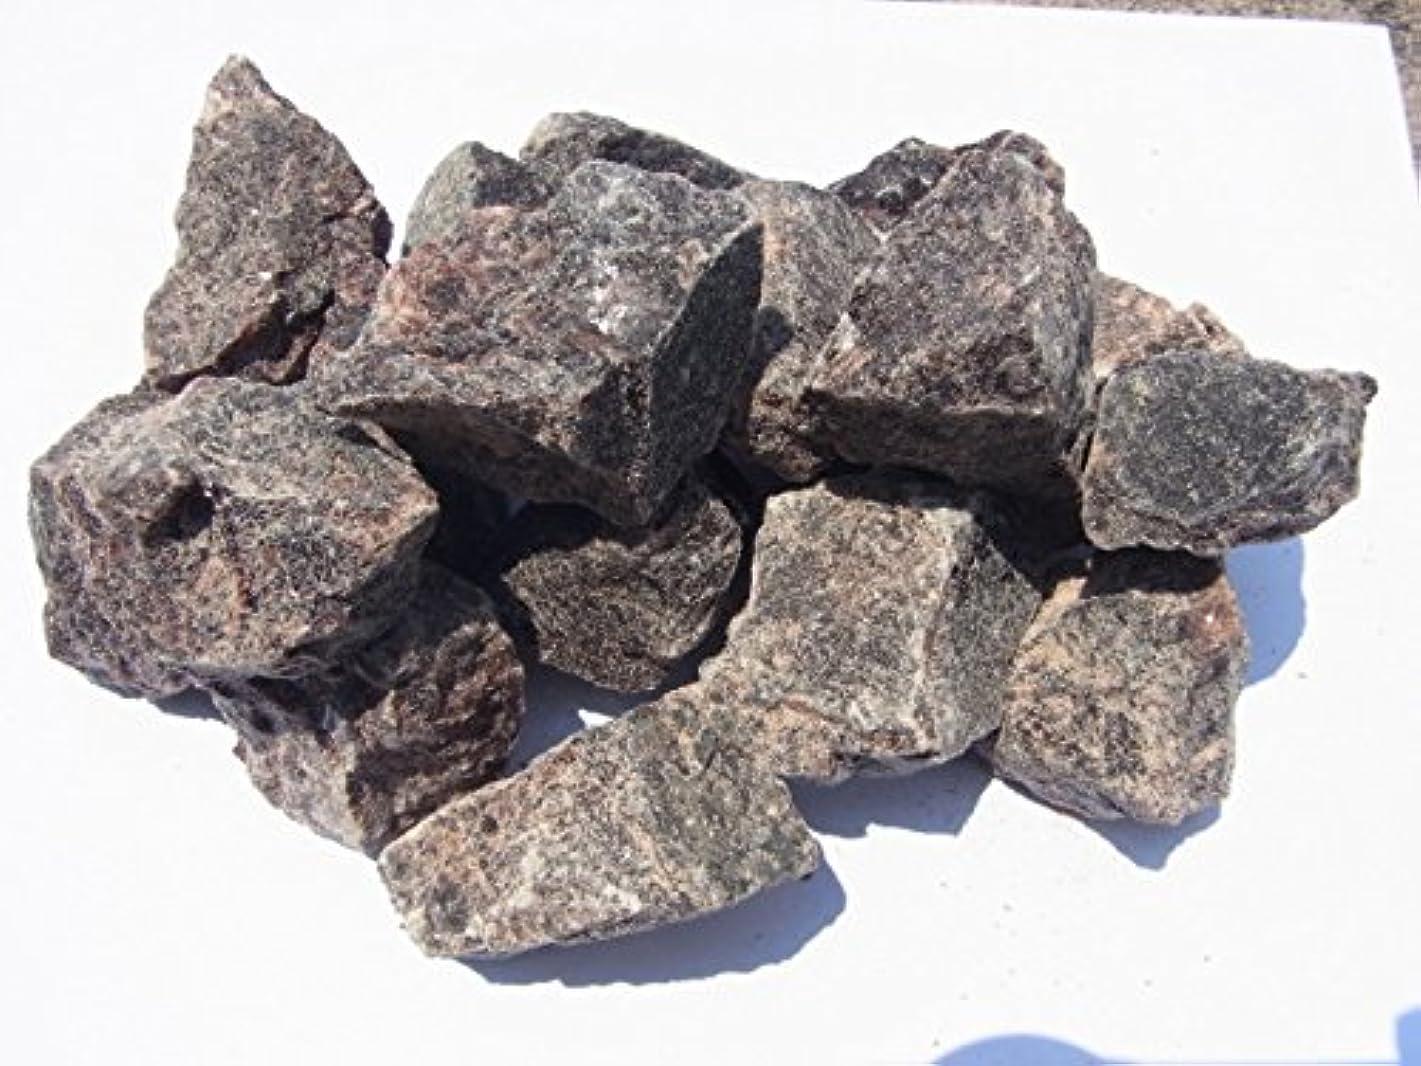 虎信頼性懐疑的ヒマラヤ岩塩10kg【ブラックソルト】 ミネラルクリスタル ブロック バスソルト